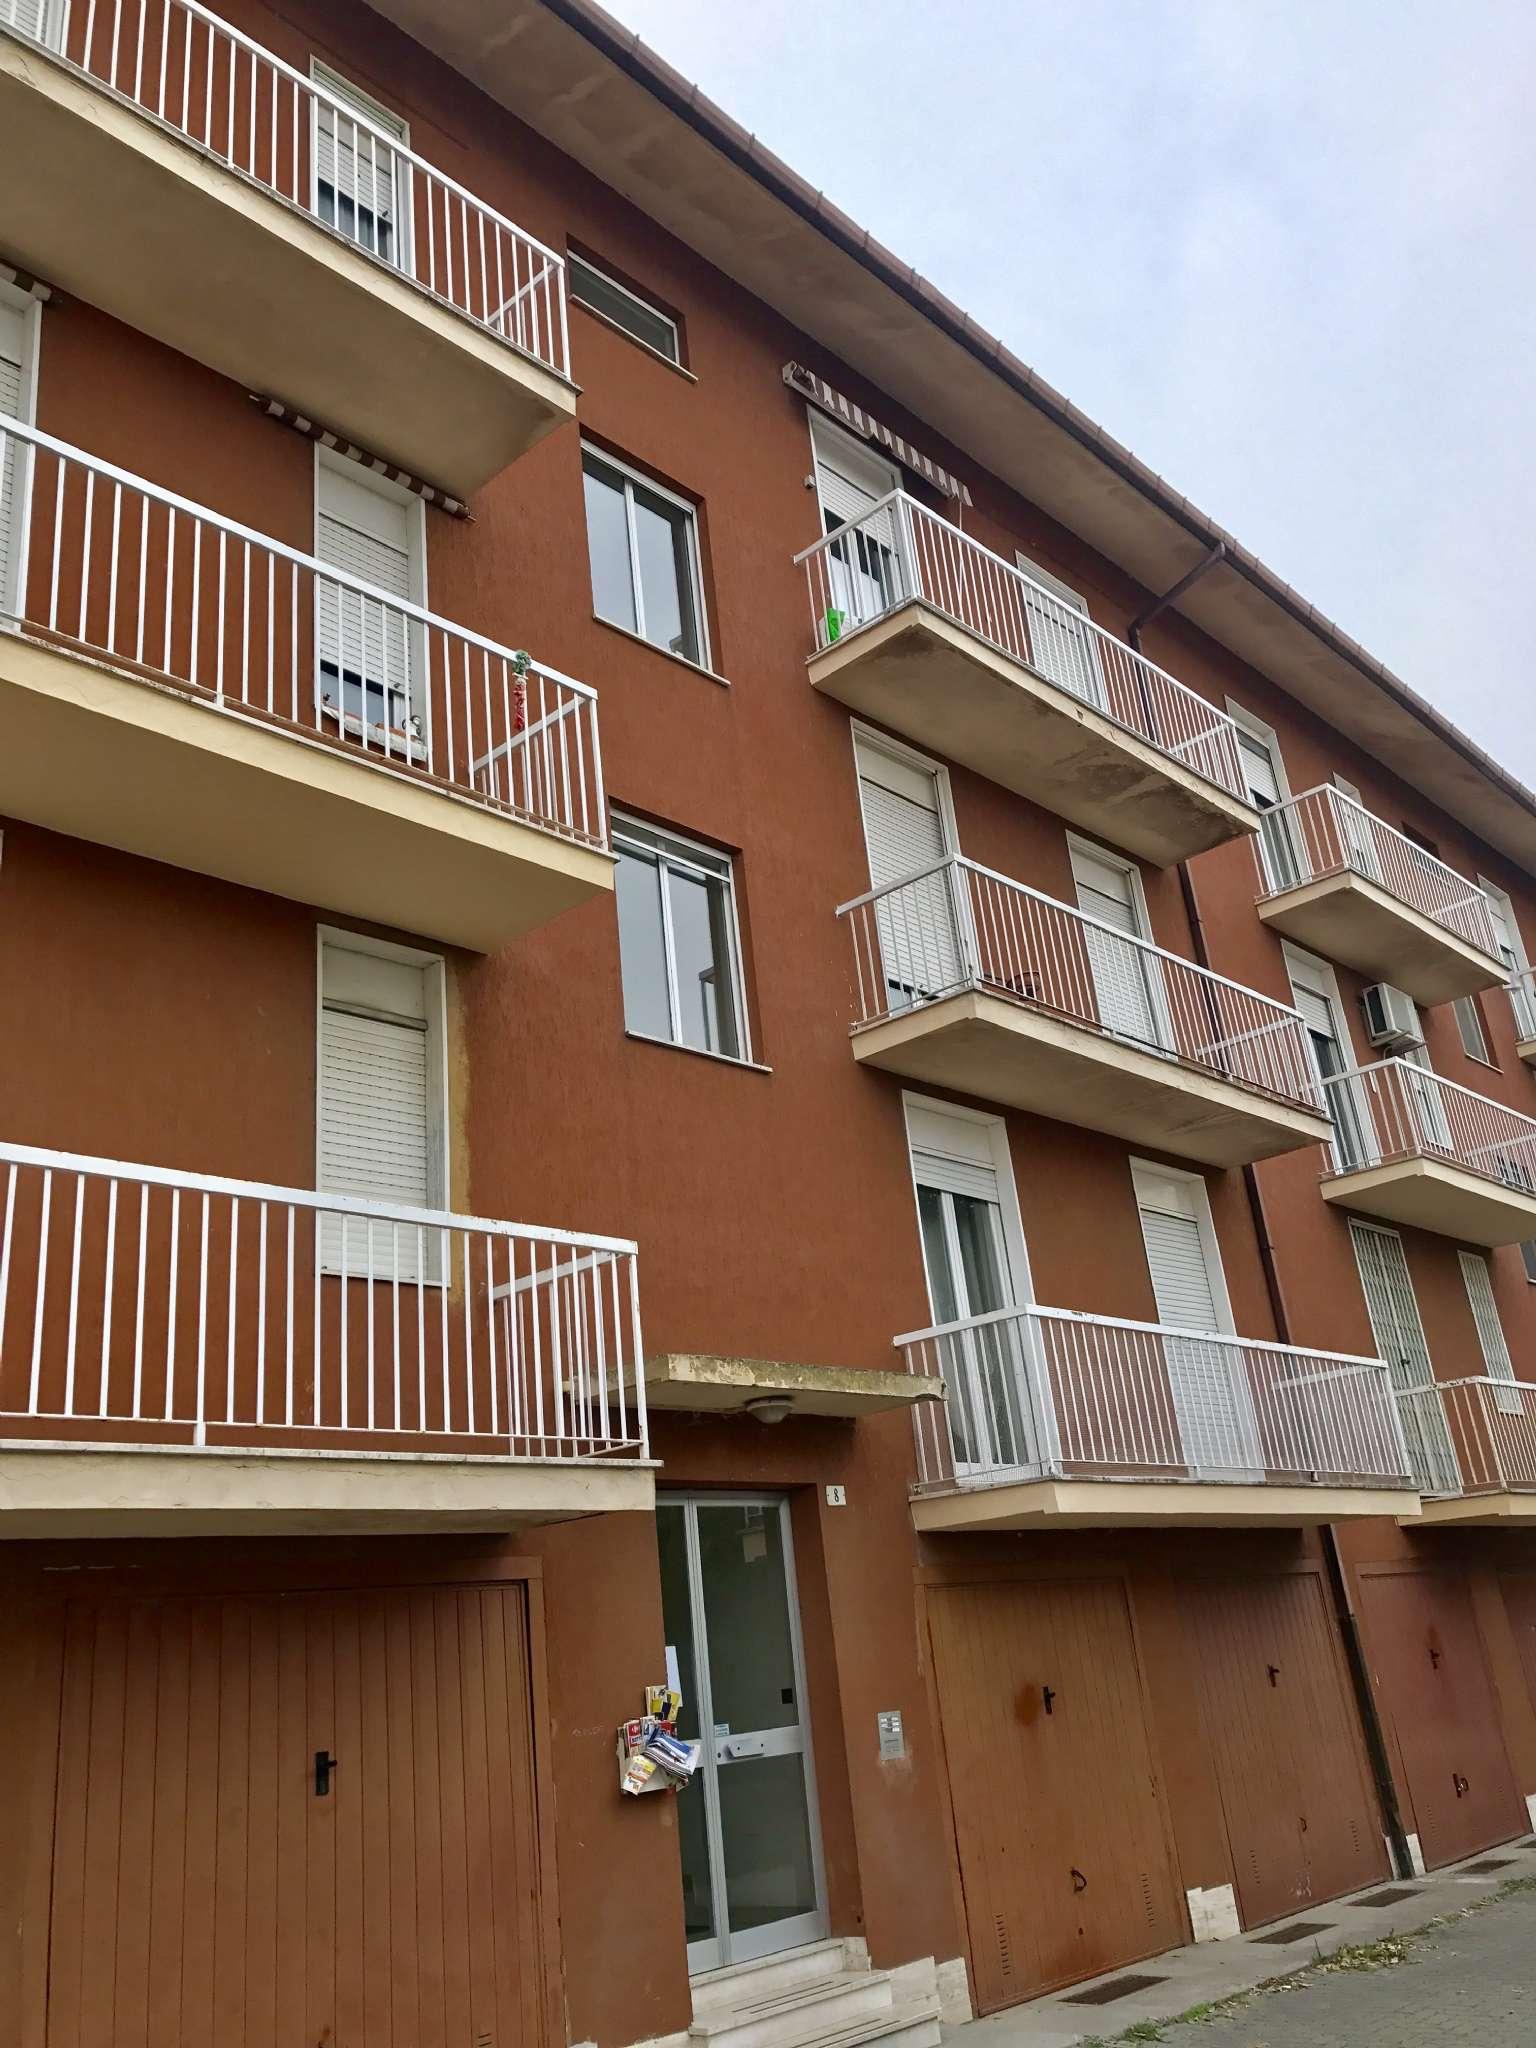 Appartamento in vendita a Novi Ligure, 9999 locali, prezzo € 68.000 | CambioCasa.it